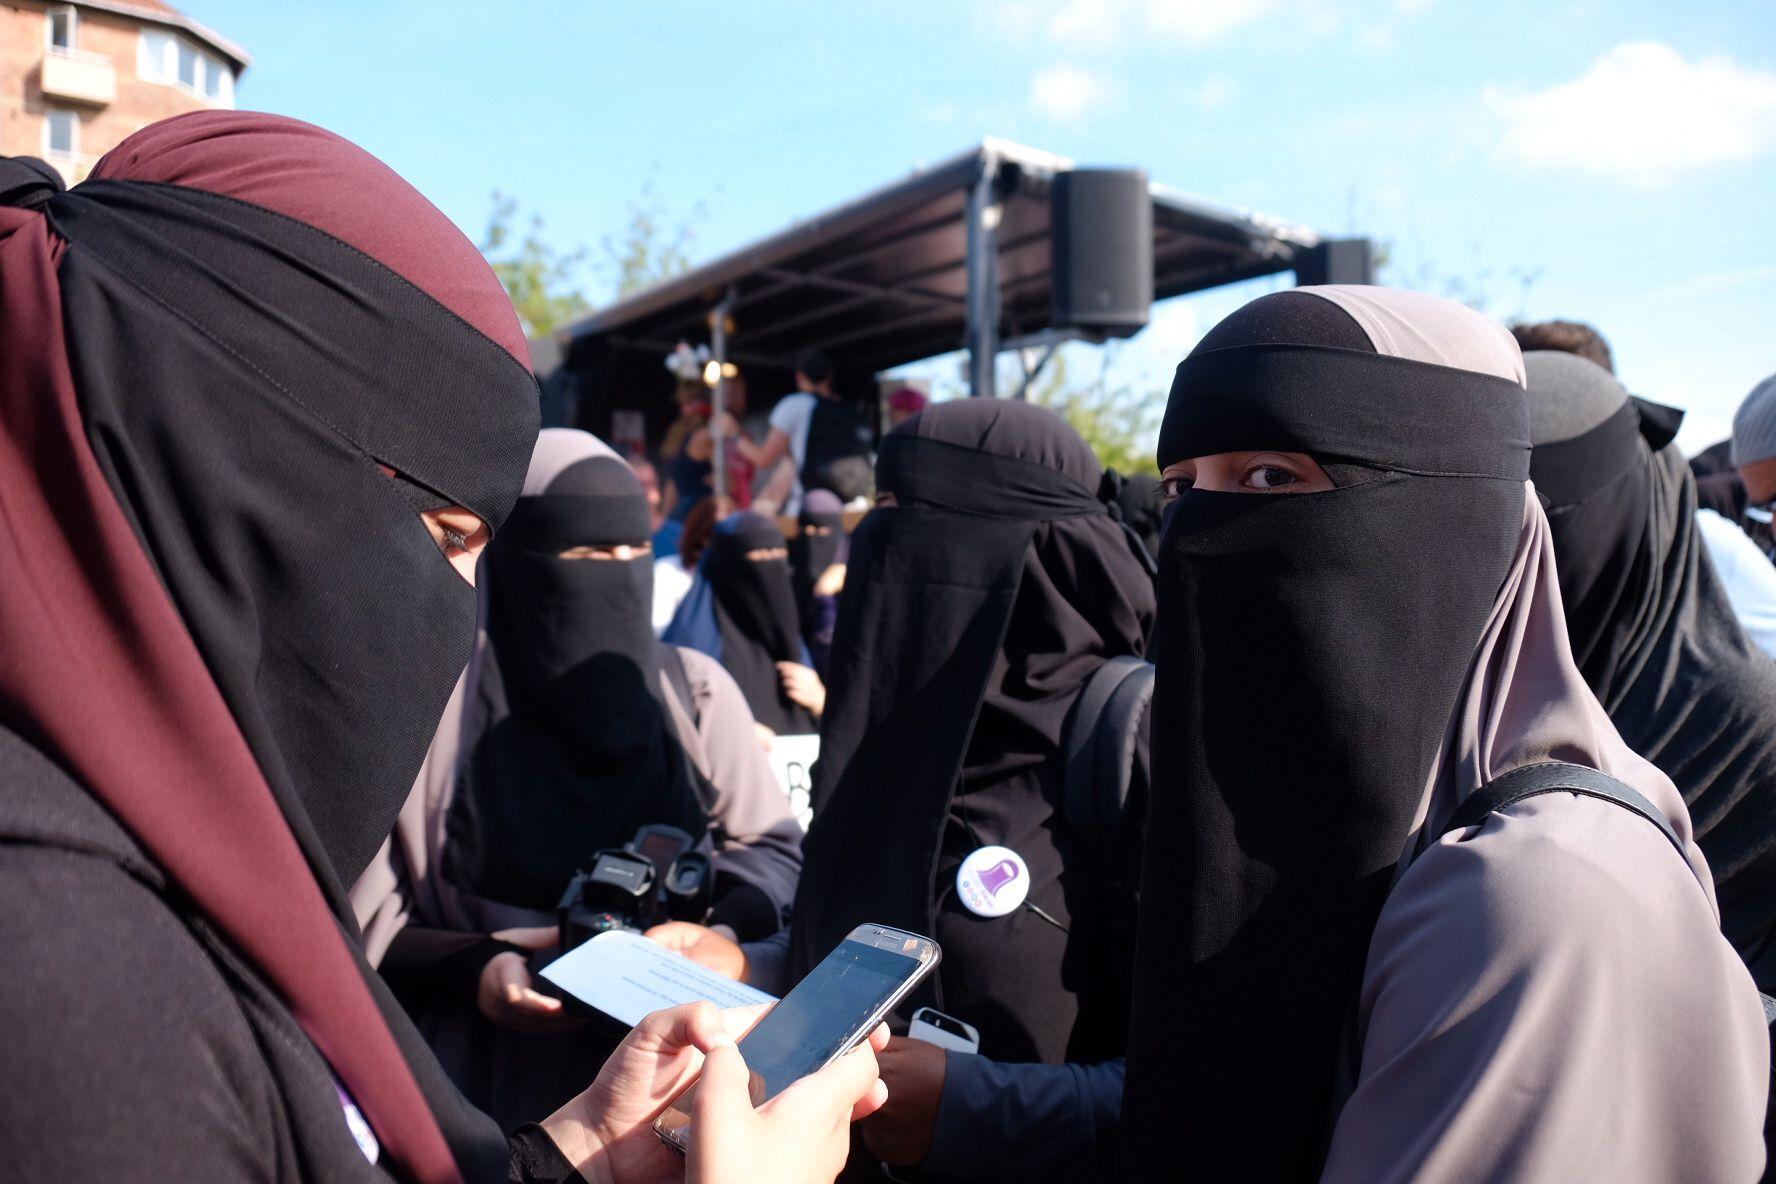 NIKABFORBUD: Det er nå forbudt med heldekkende plagg som nikab og burka på offentlig sted i Danmark. Onsdag ettermiddag var det demonstrasjon mot forbudet i København.